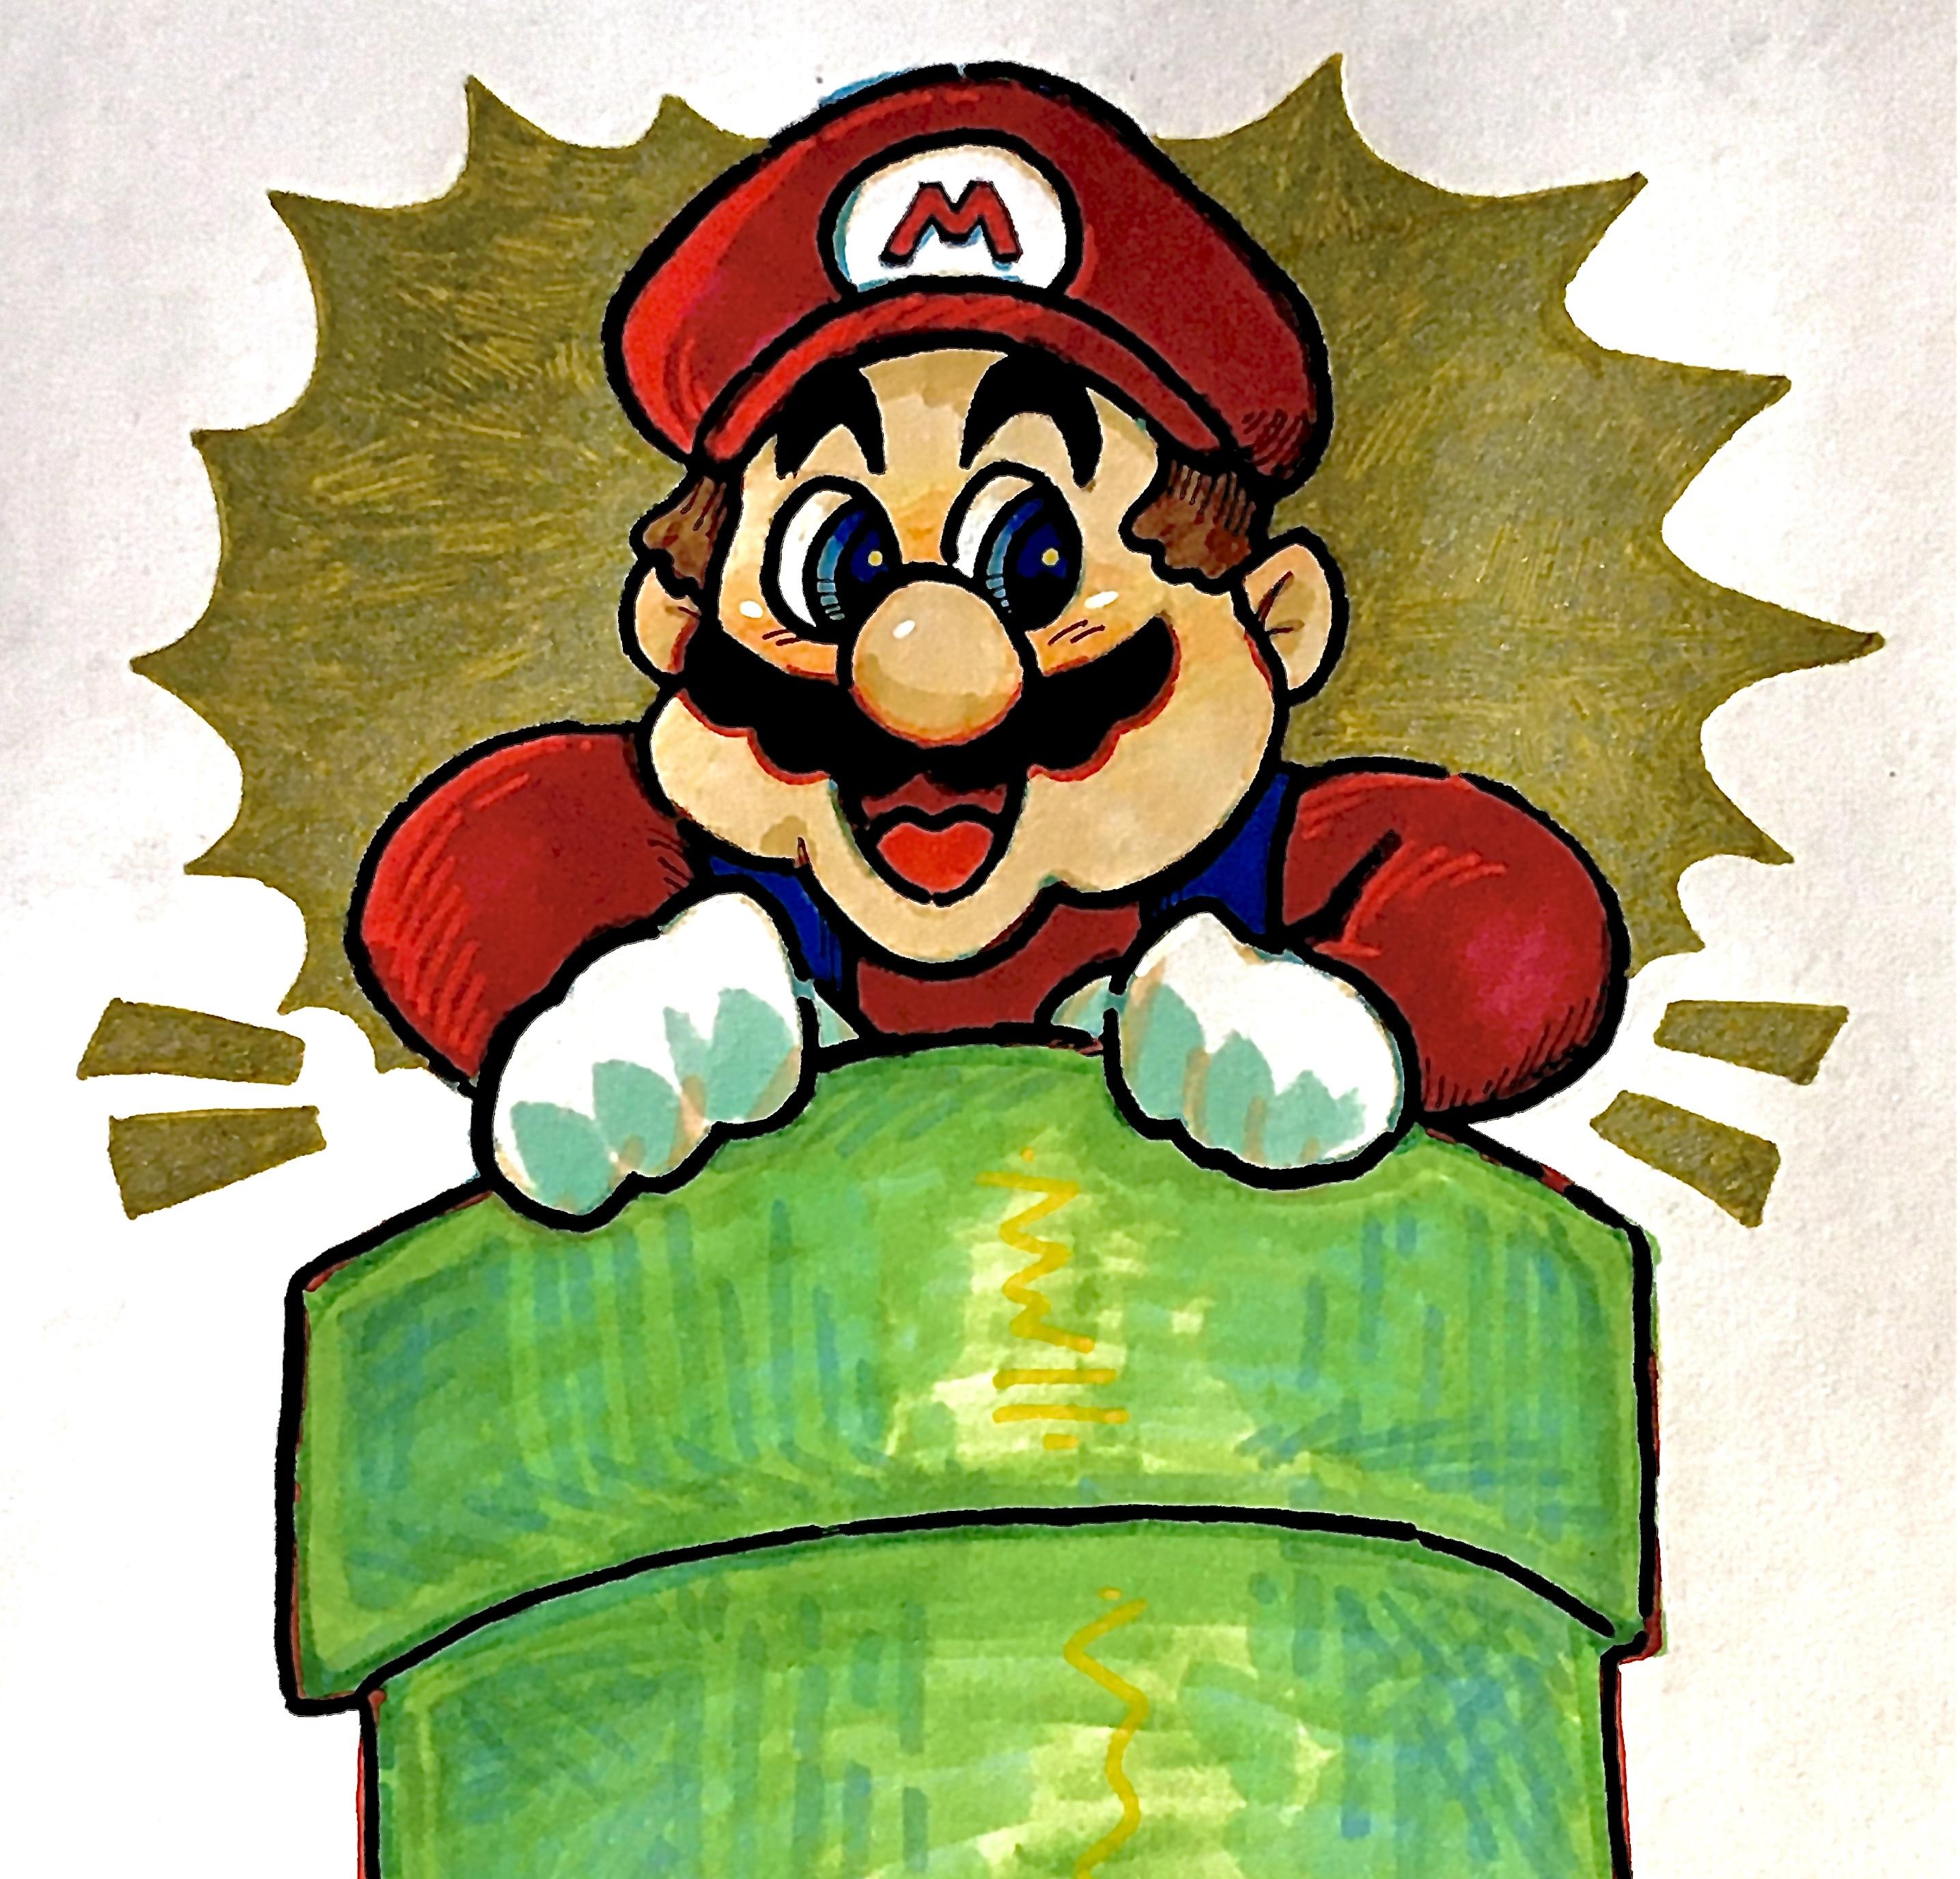 mario day drawing